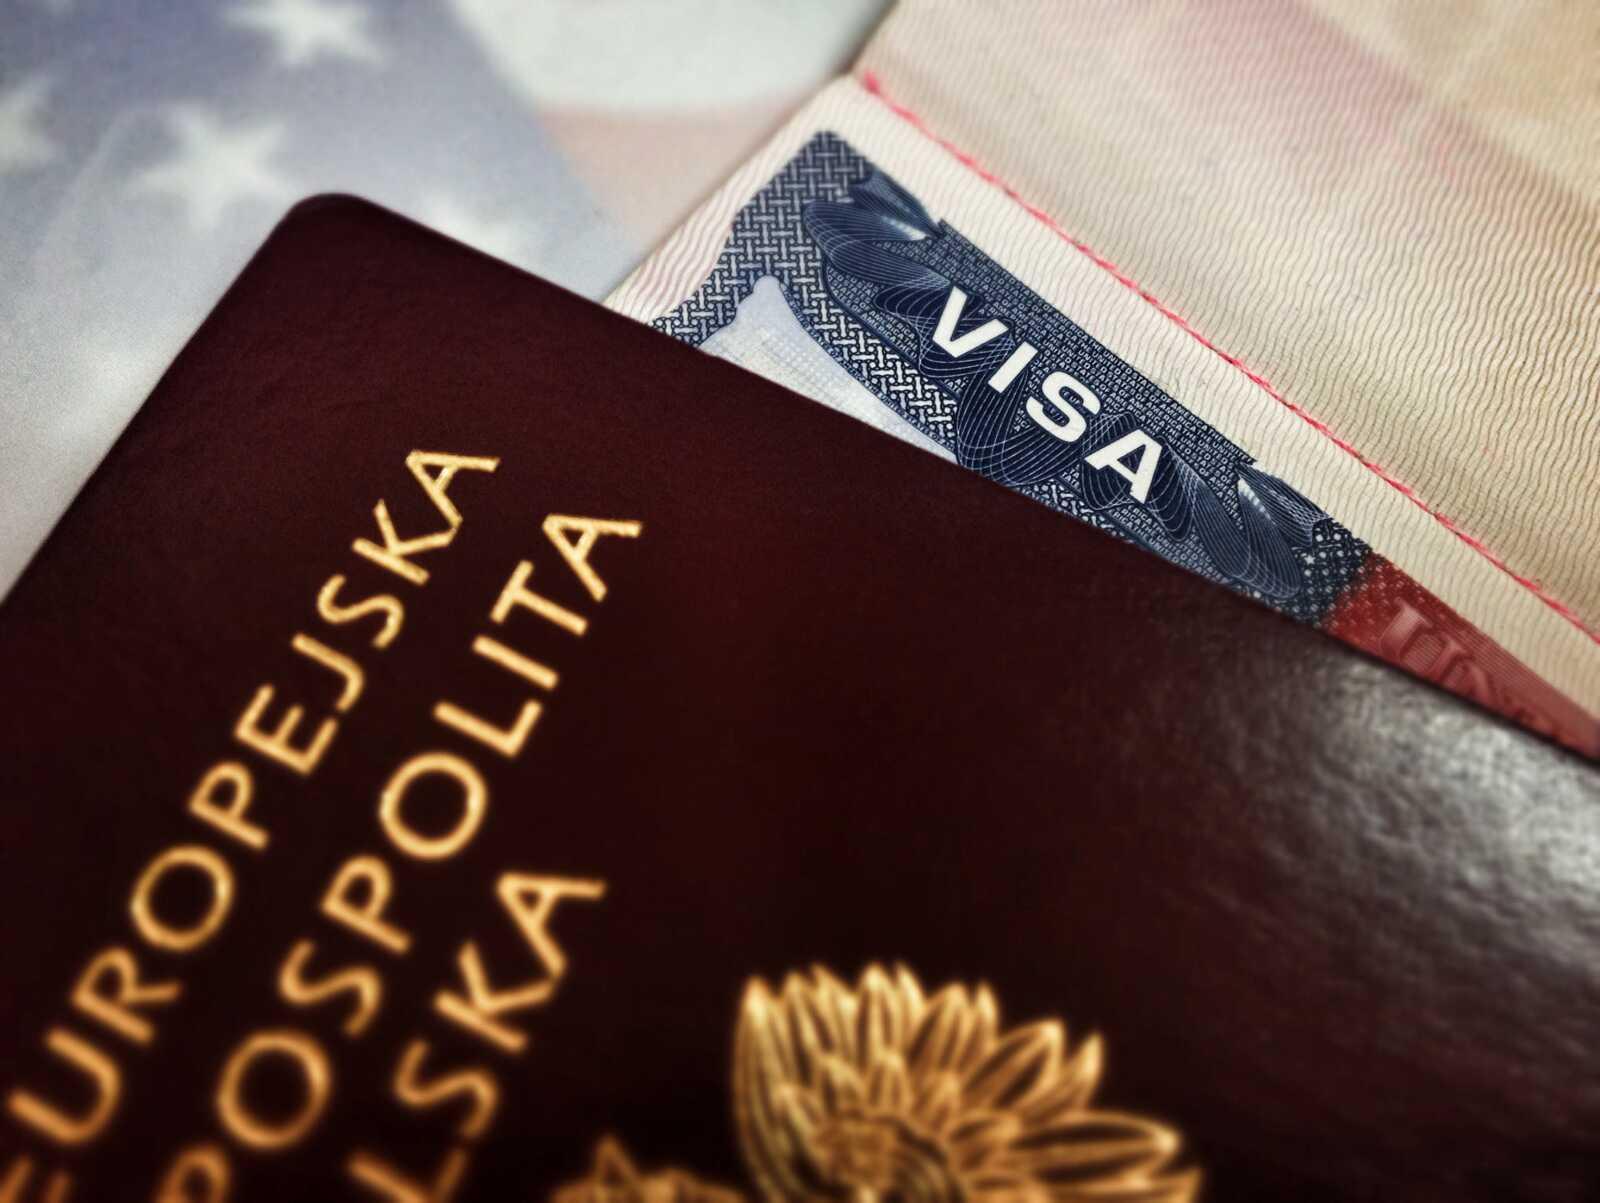 Podróż doUSA: stara wiza, nowy paszport